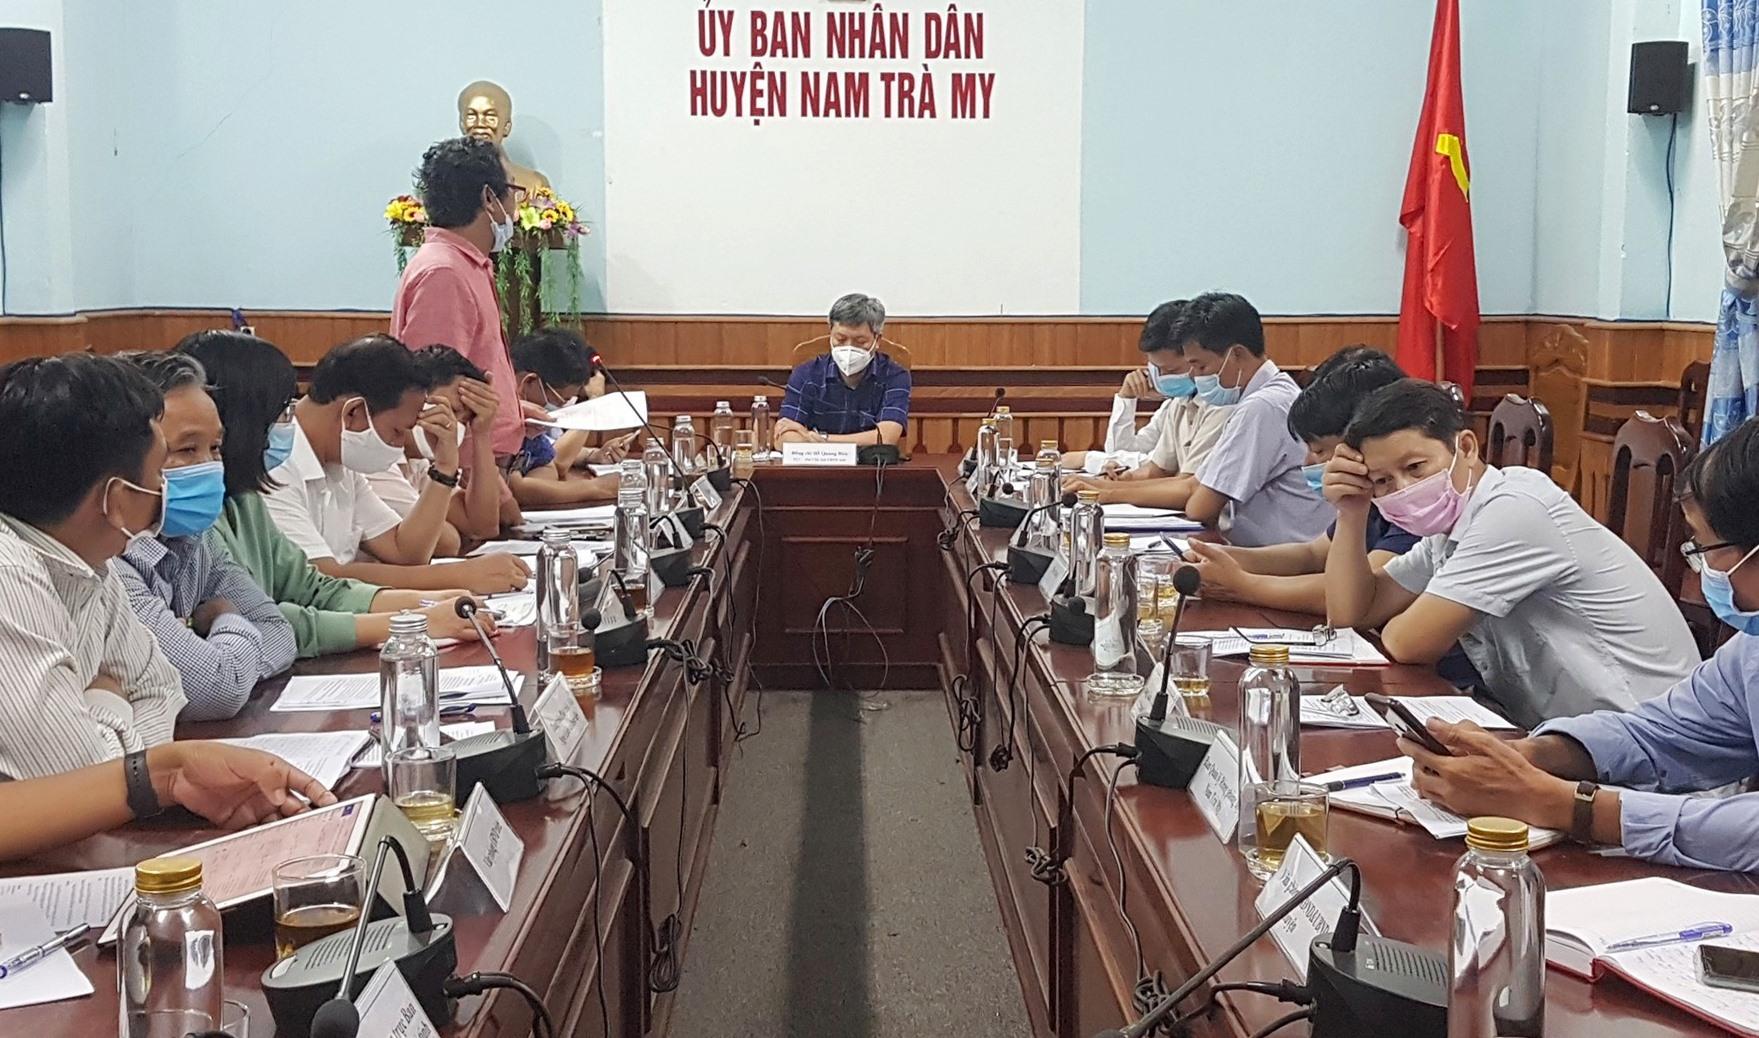 Phó Chủ tịch UBND tỉnh Hồ Quang Bửu làm việc với huyện Nam Trà My. Ảnh: D.L